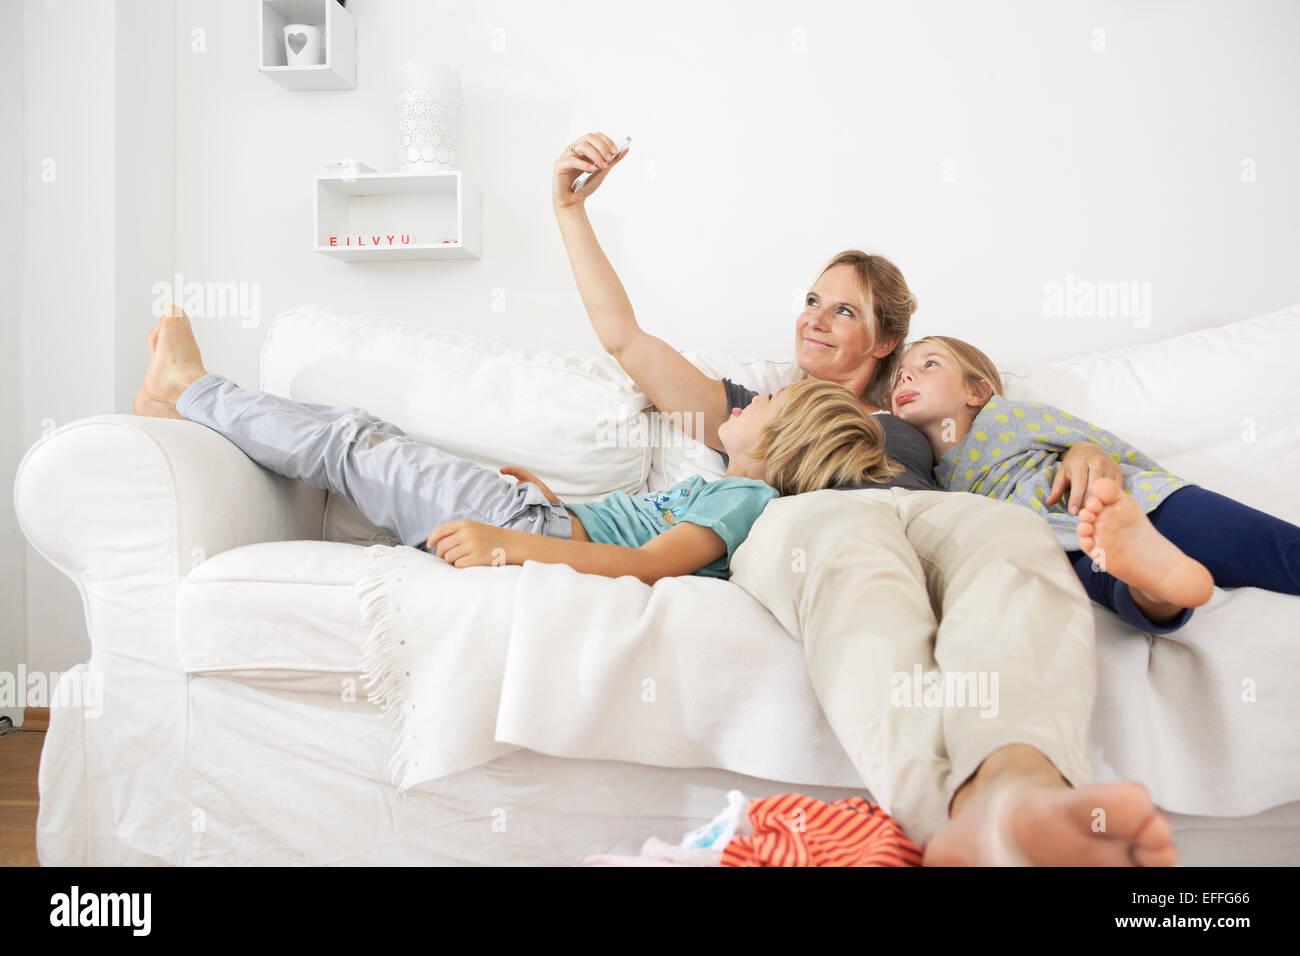 Mãe e filha, filho na cama tendo um selfie Imagens de Stock